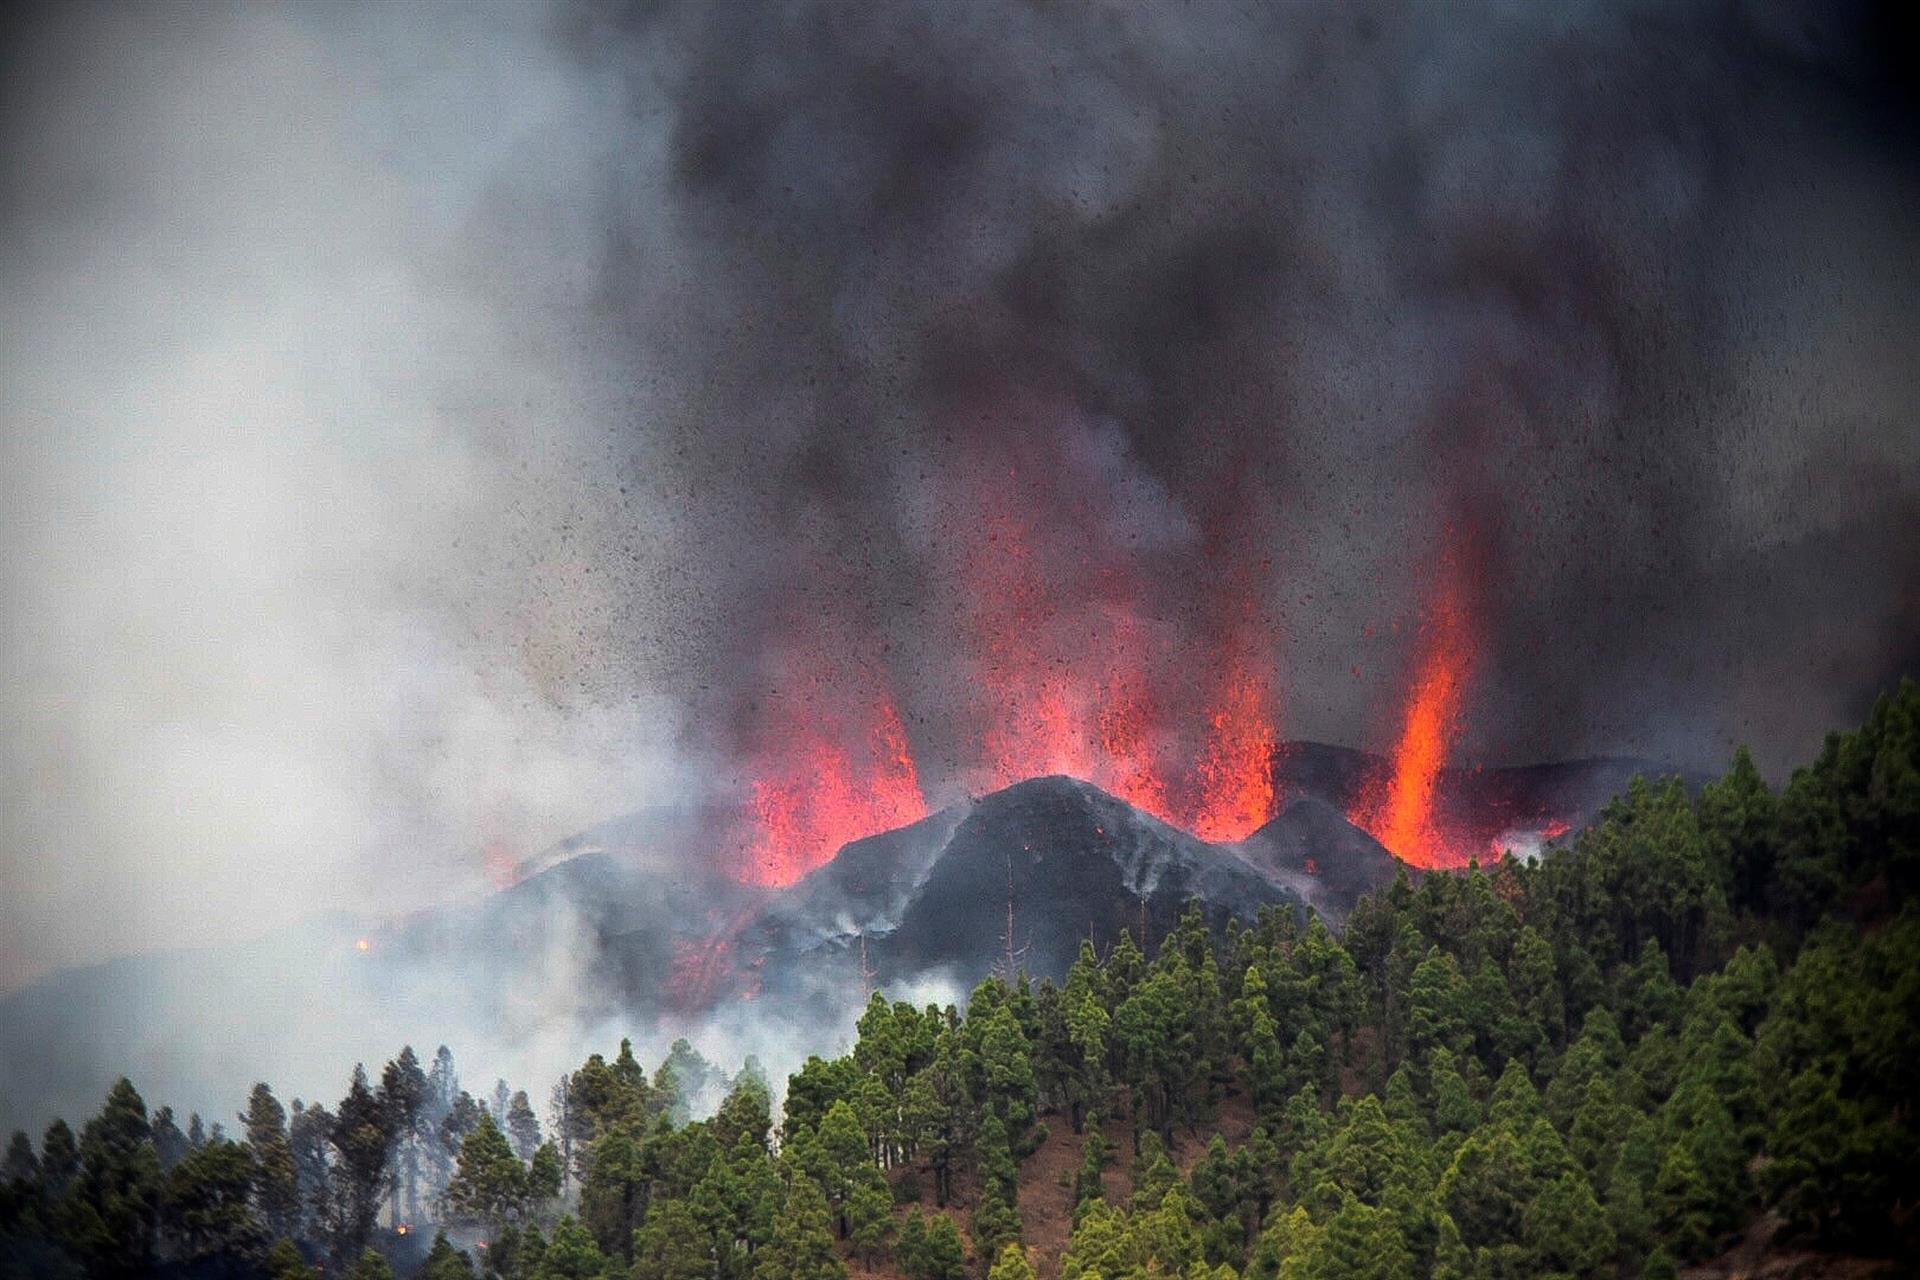 Volcán de isla española entra en erupción tras registrarse un enjambre de cientos de sismos